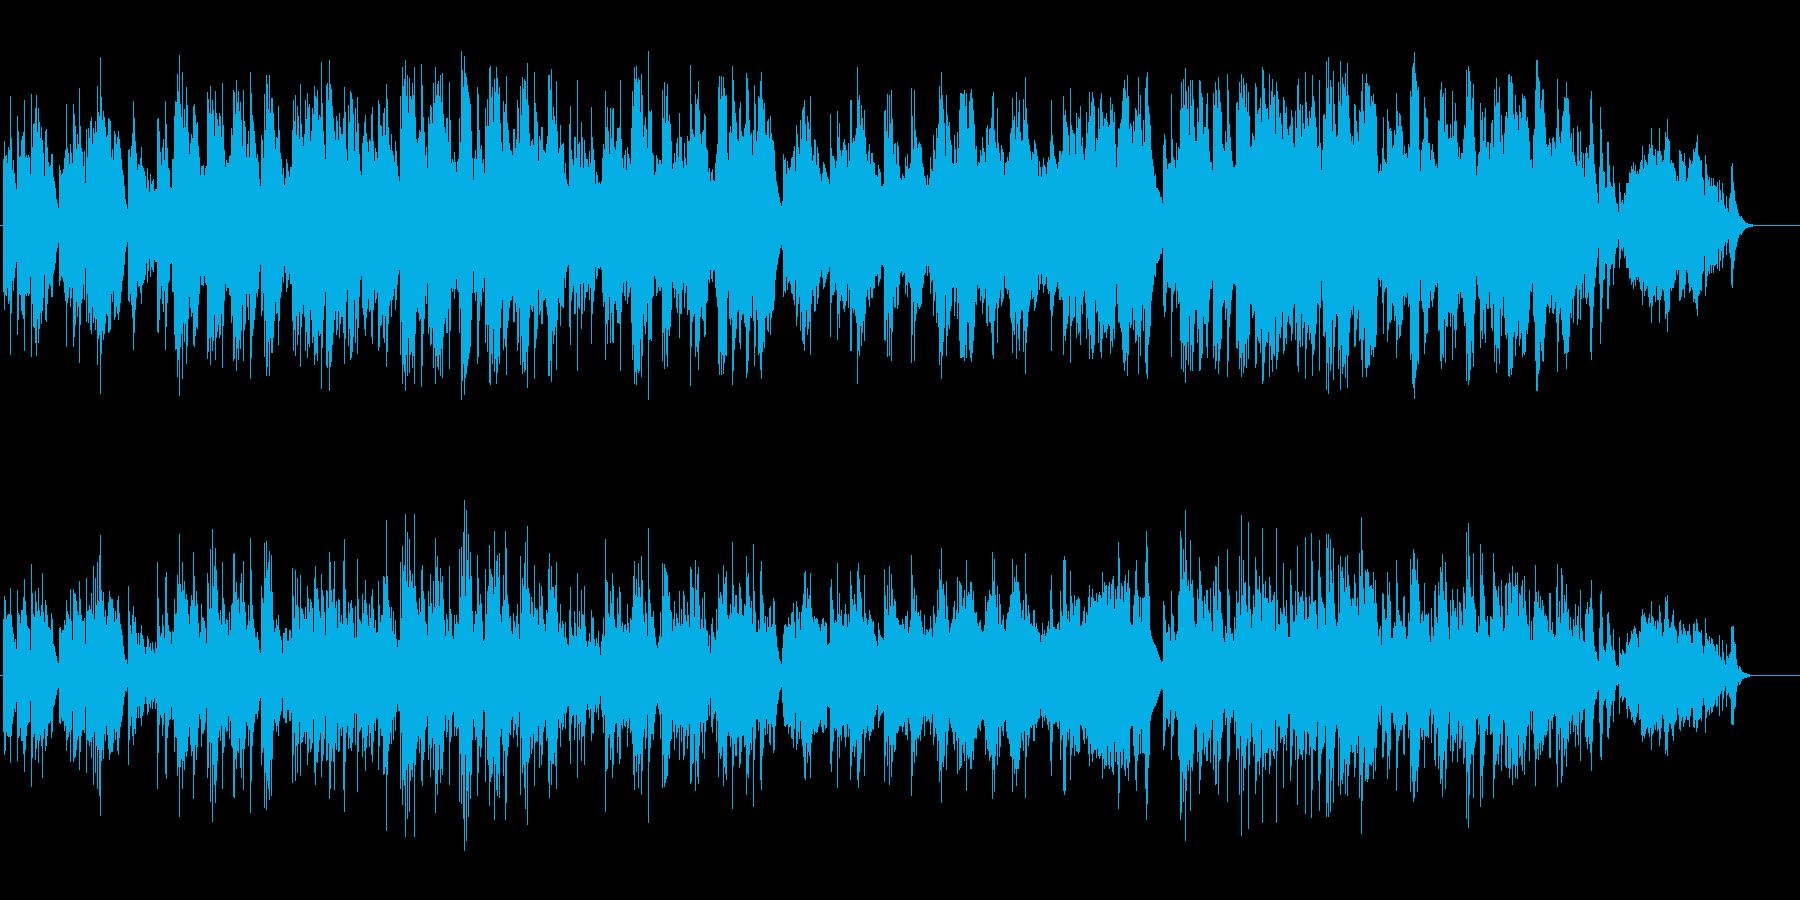 優美なハープのアンビ系BGの再生済みの波形